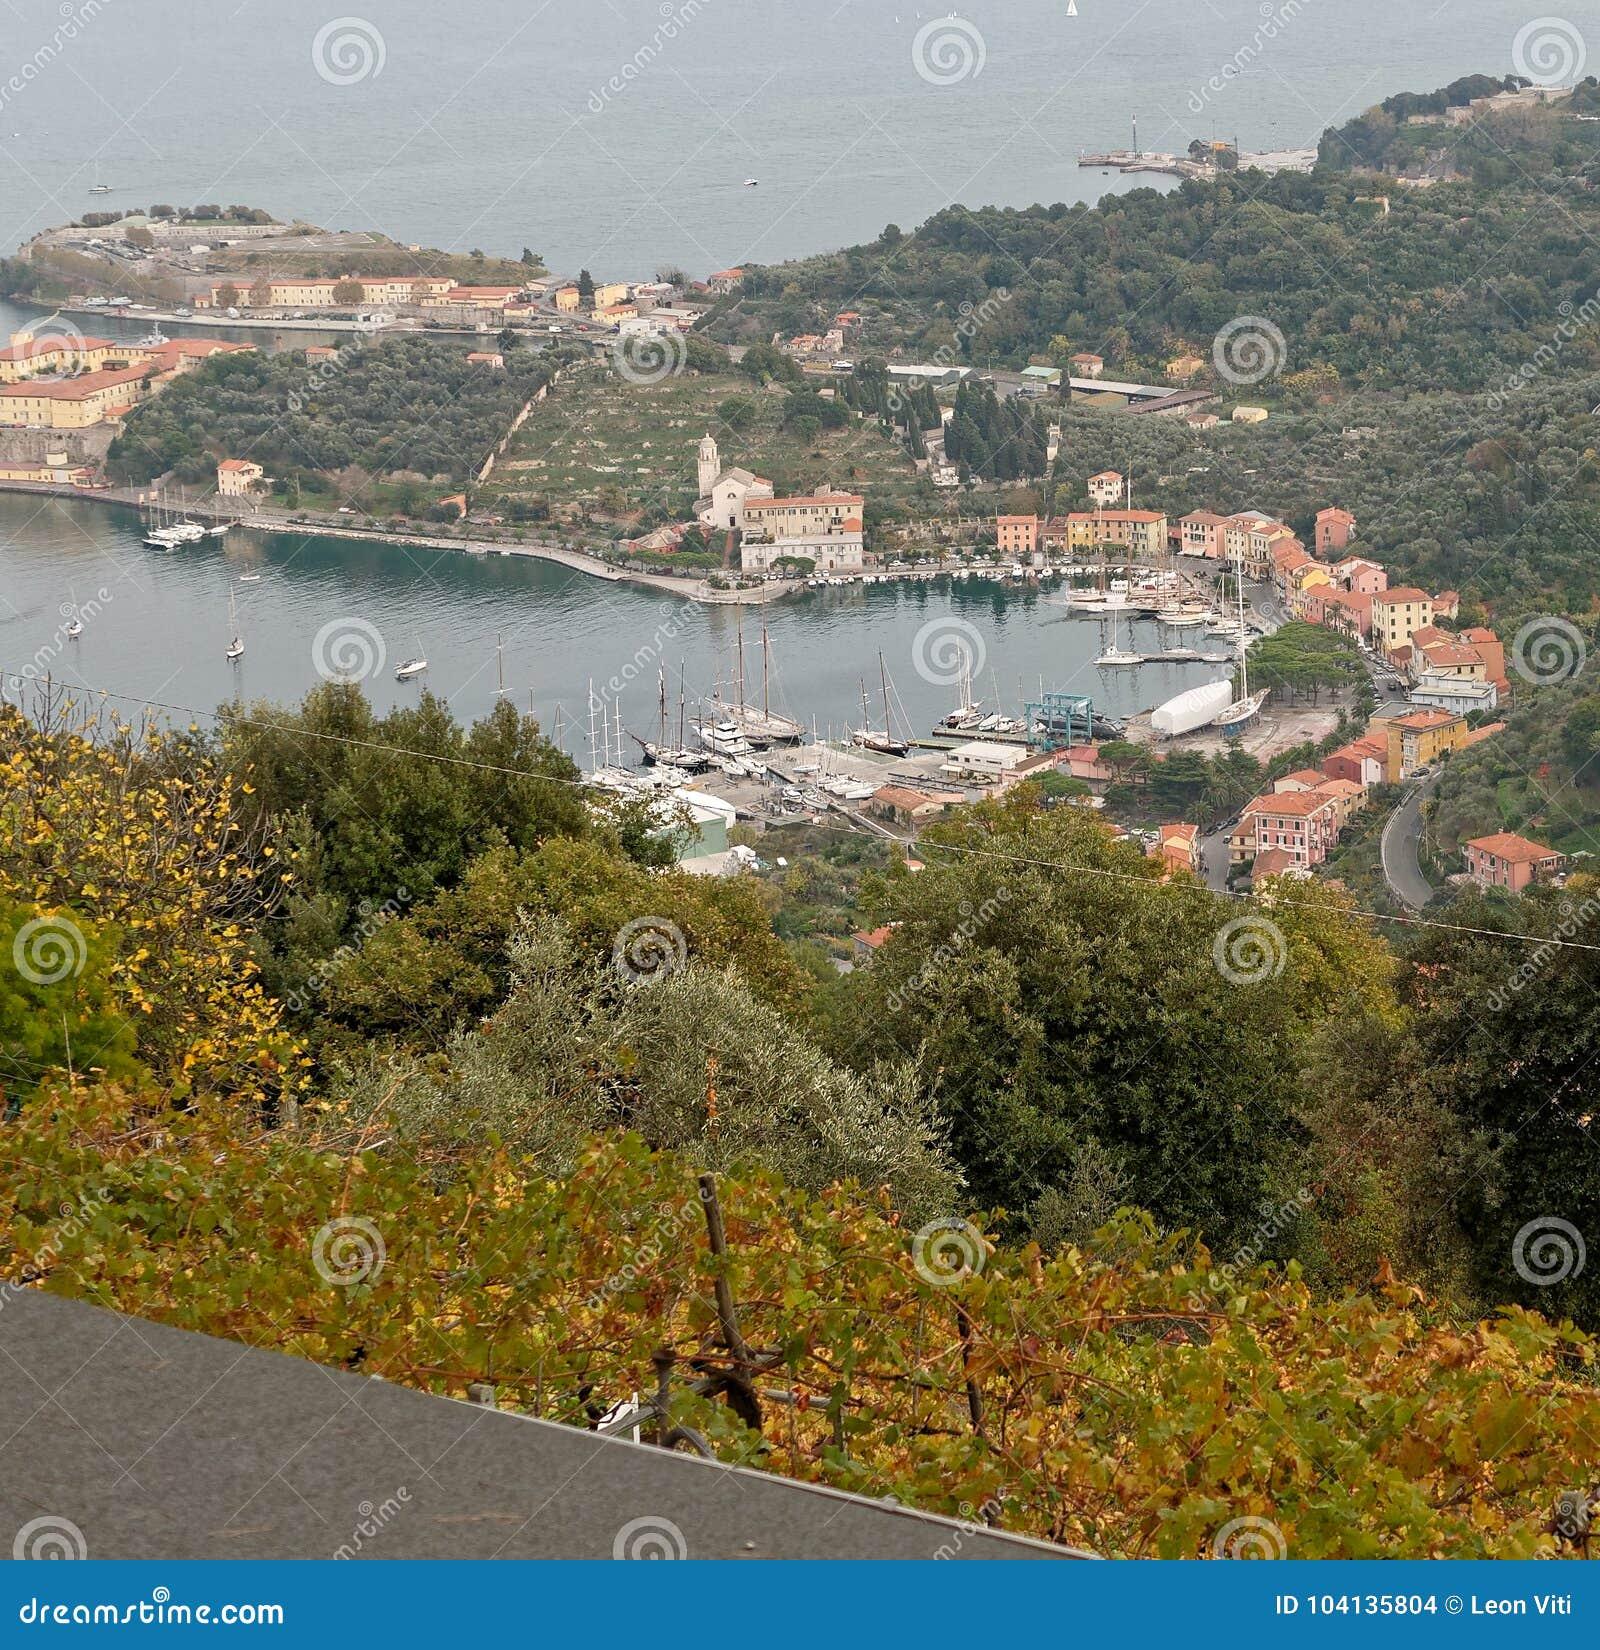 aerialview of le grazie a little village near Portovenere